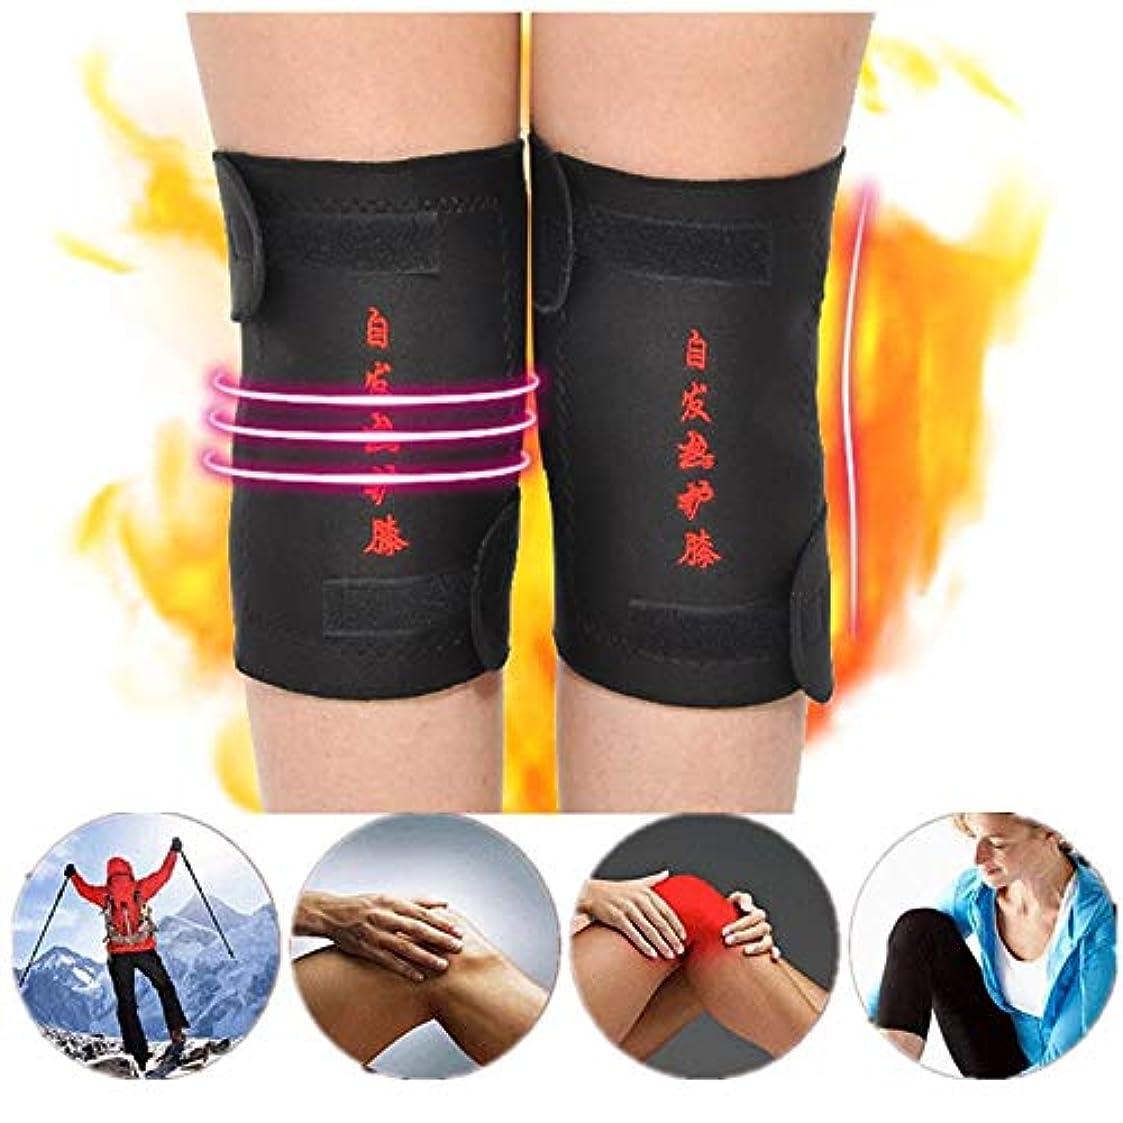 絶えず眉をひそめるに同意する1 ペア 毎日健康 ケア 膝の痛み救済傷害捻挫自己加熱された膝 パッド 付き磁気治療内部加熱膝 パッド